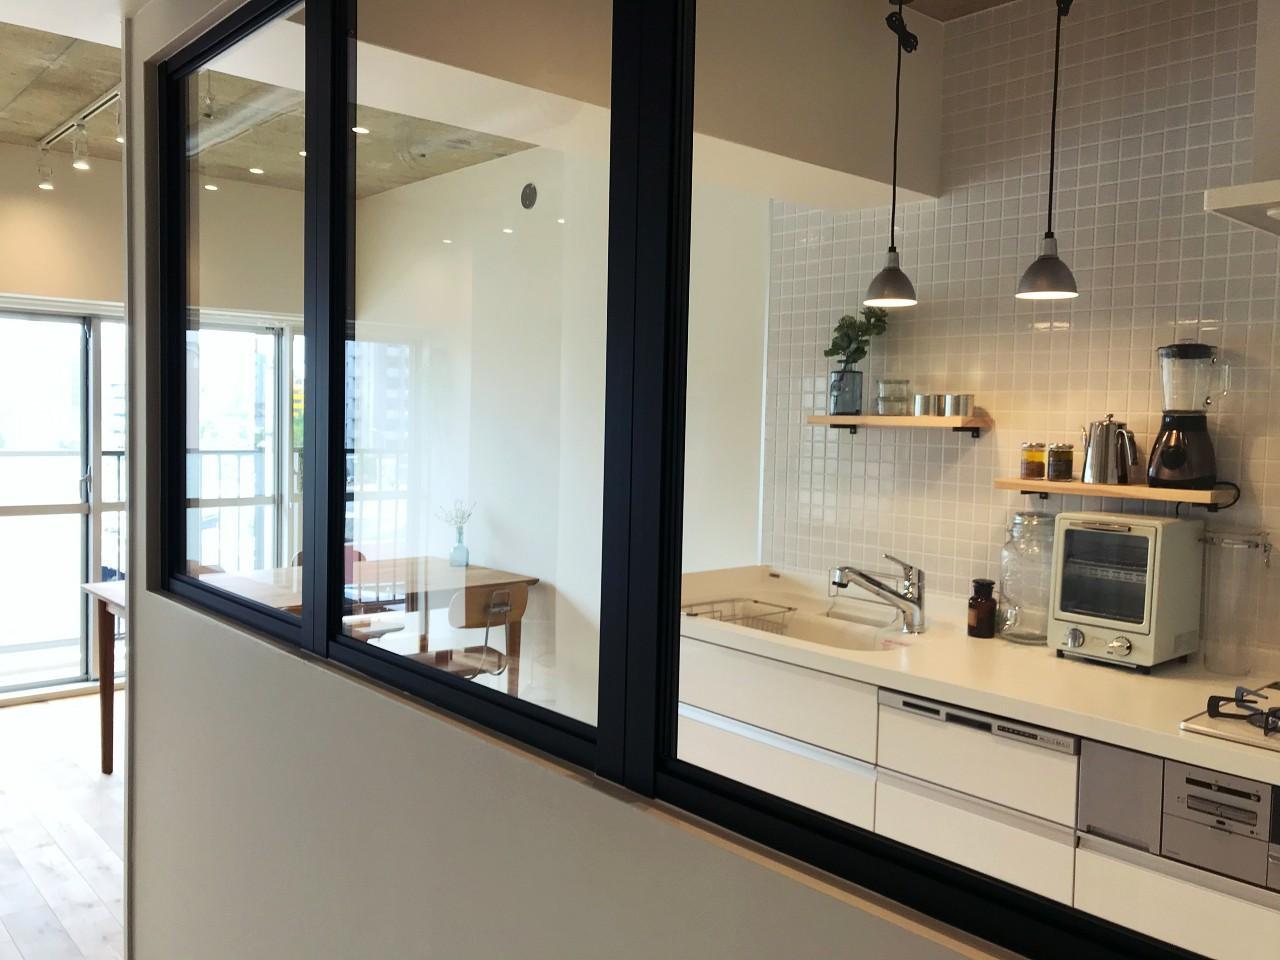 幸せのキッチン (大阪市西区新町3丁目の物件) - 大阪R不動産